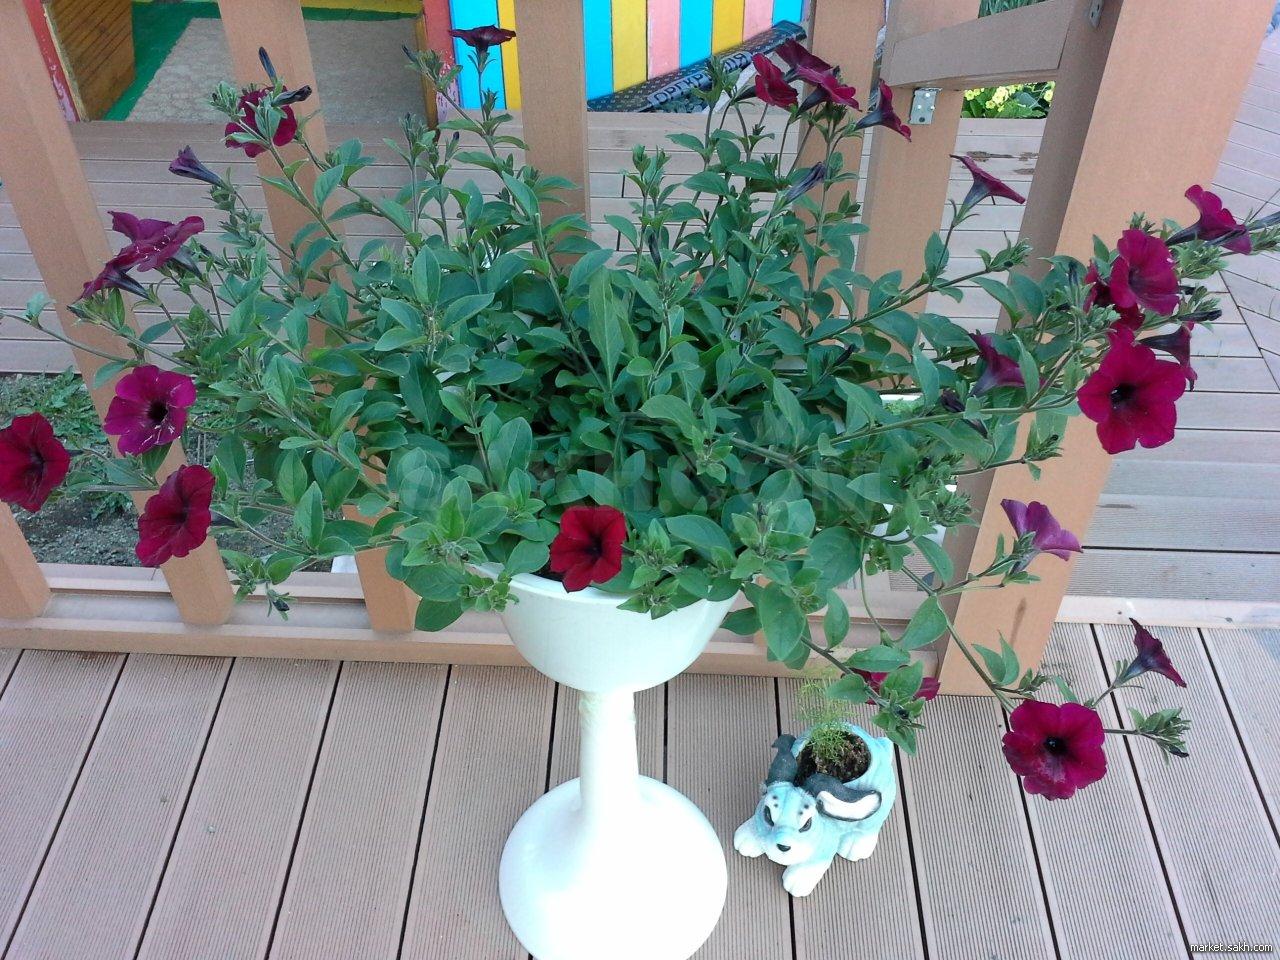 Как сажать петунии в кашпо: подбор сорта, подготовка емкости и грунта, выращивание из семян и уход